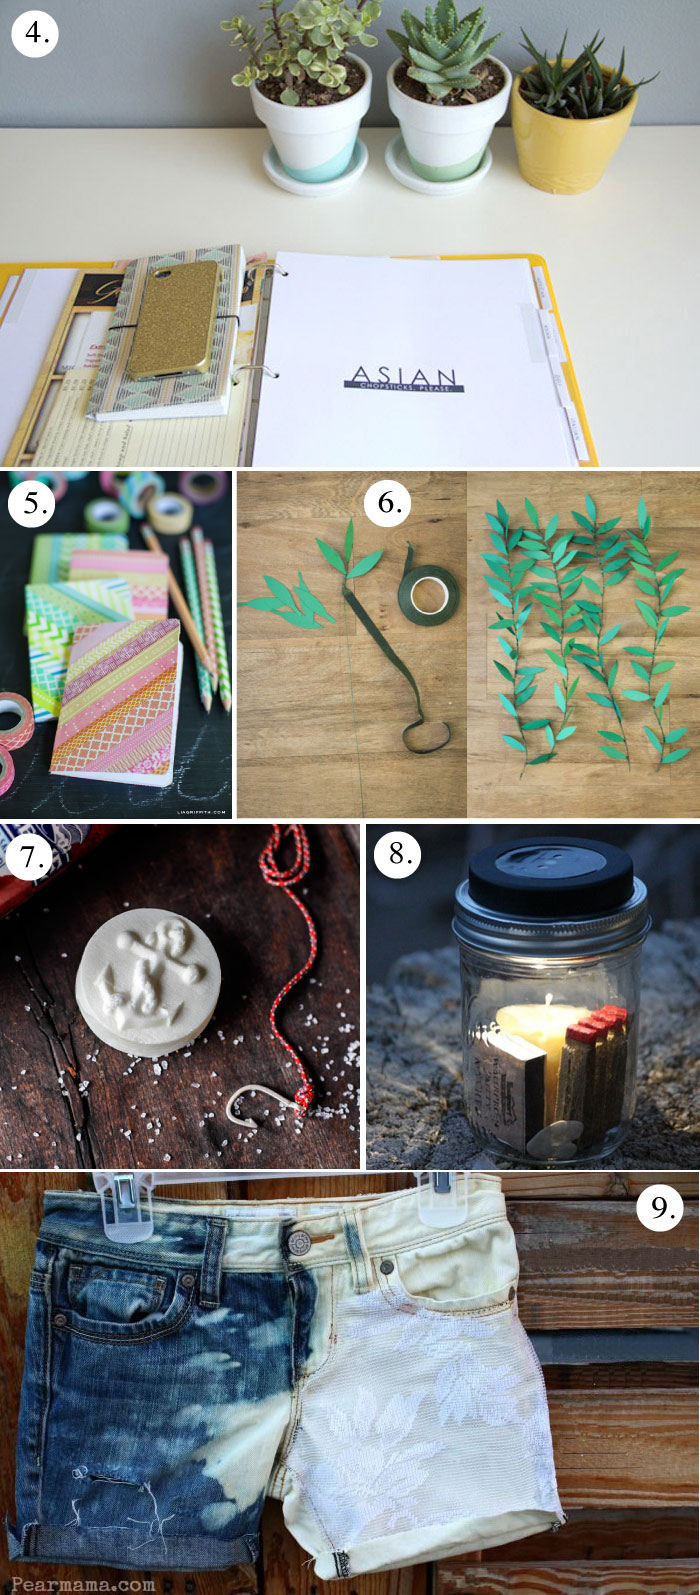 9 Weekend Project DIYs